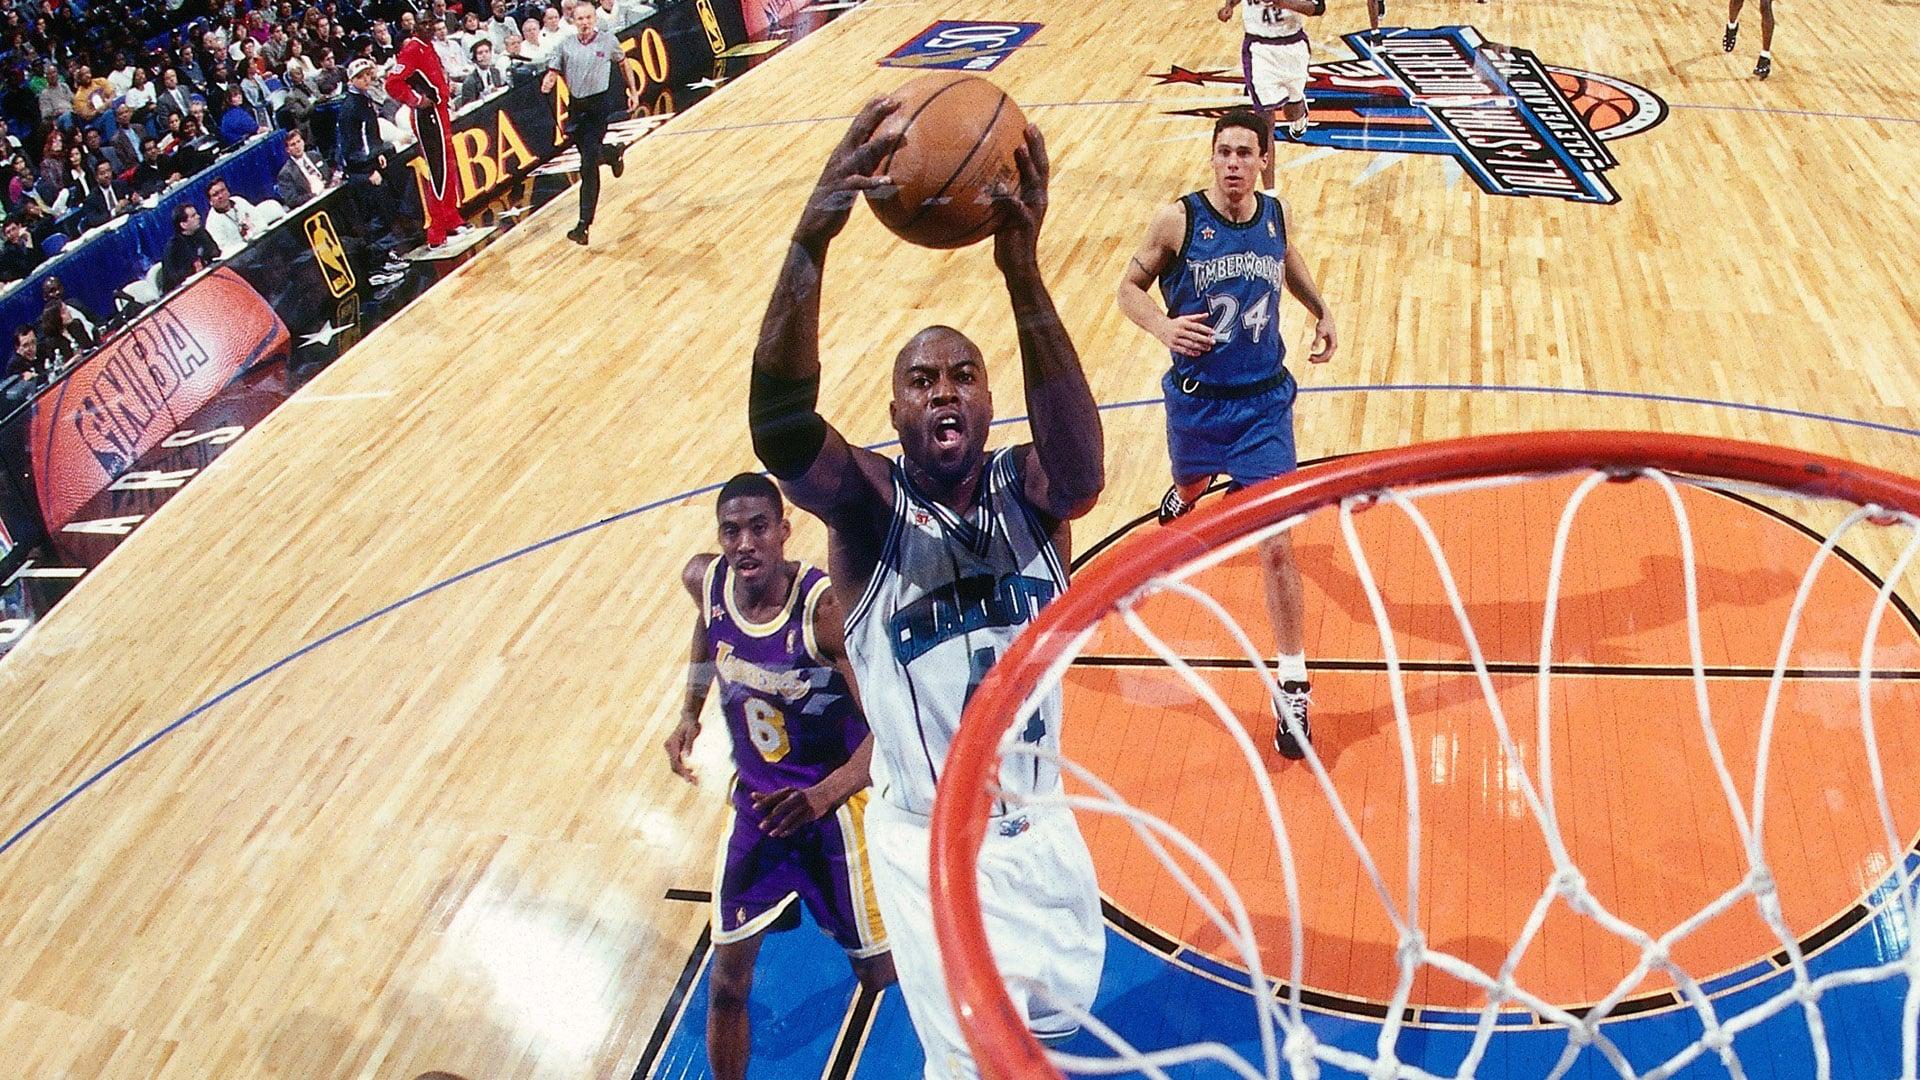 1997 NBA All-Star recap